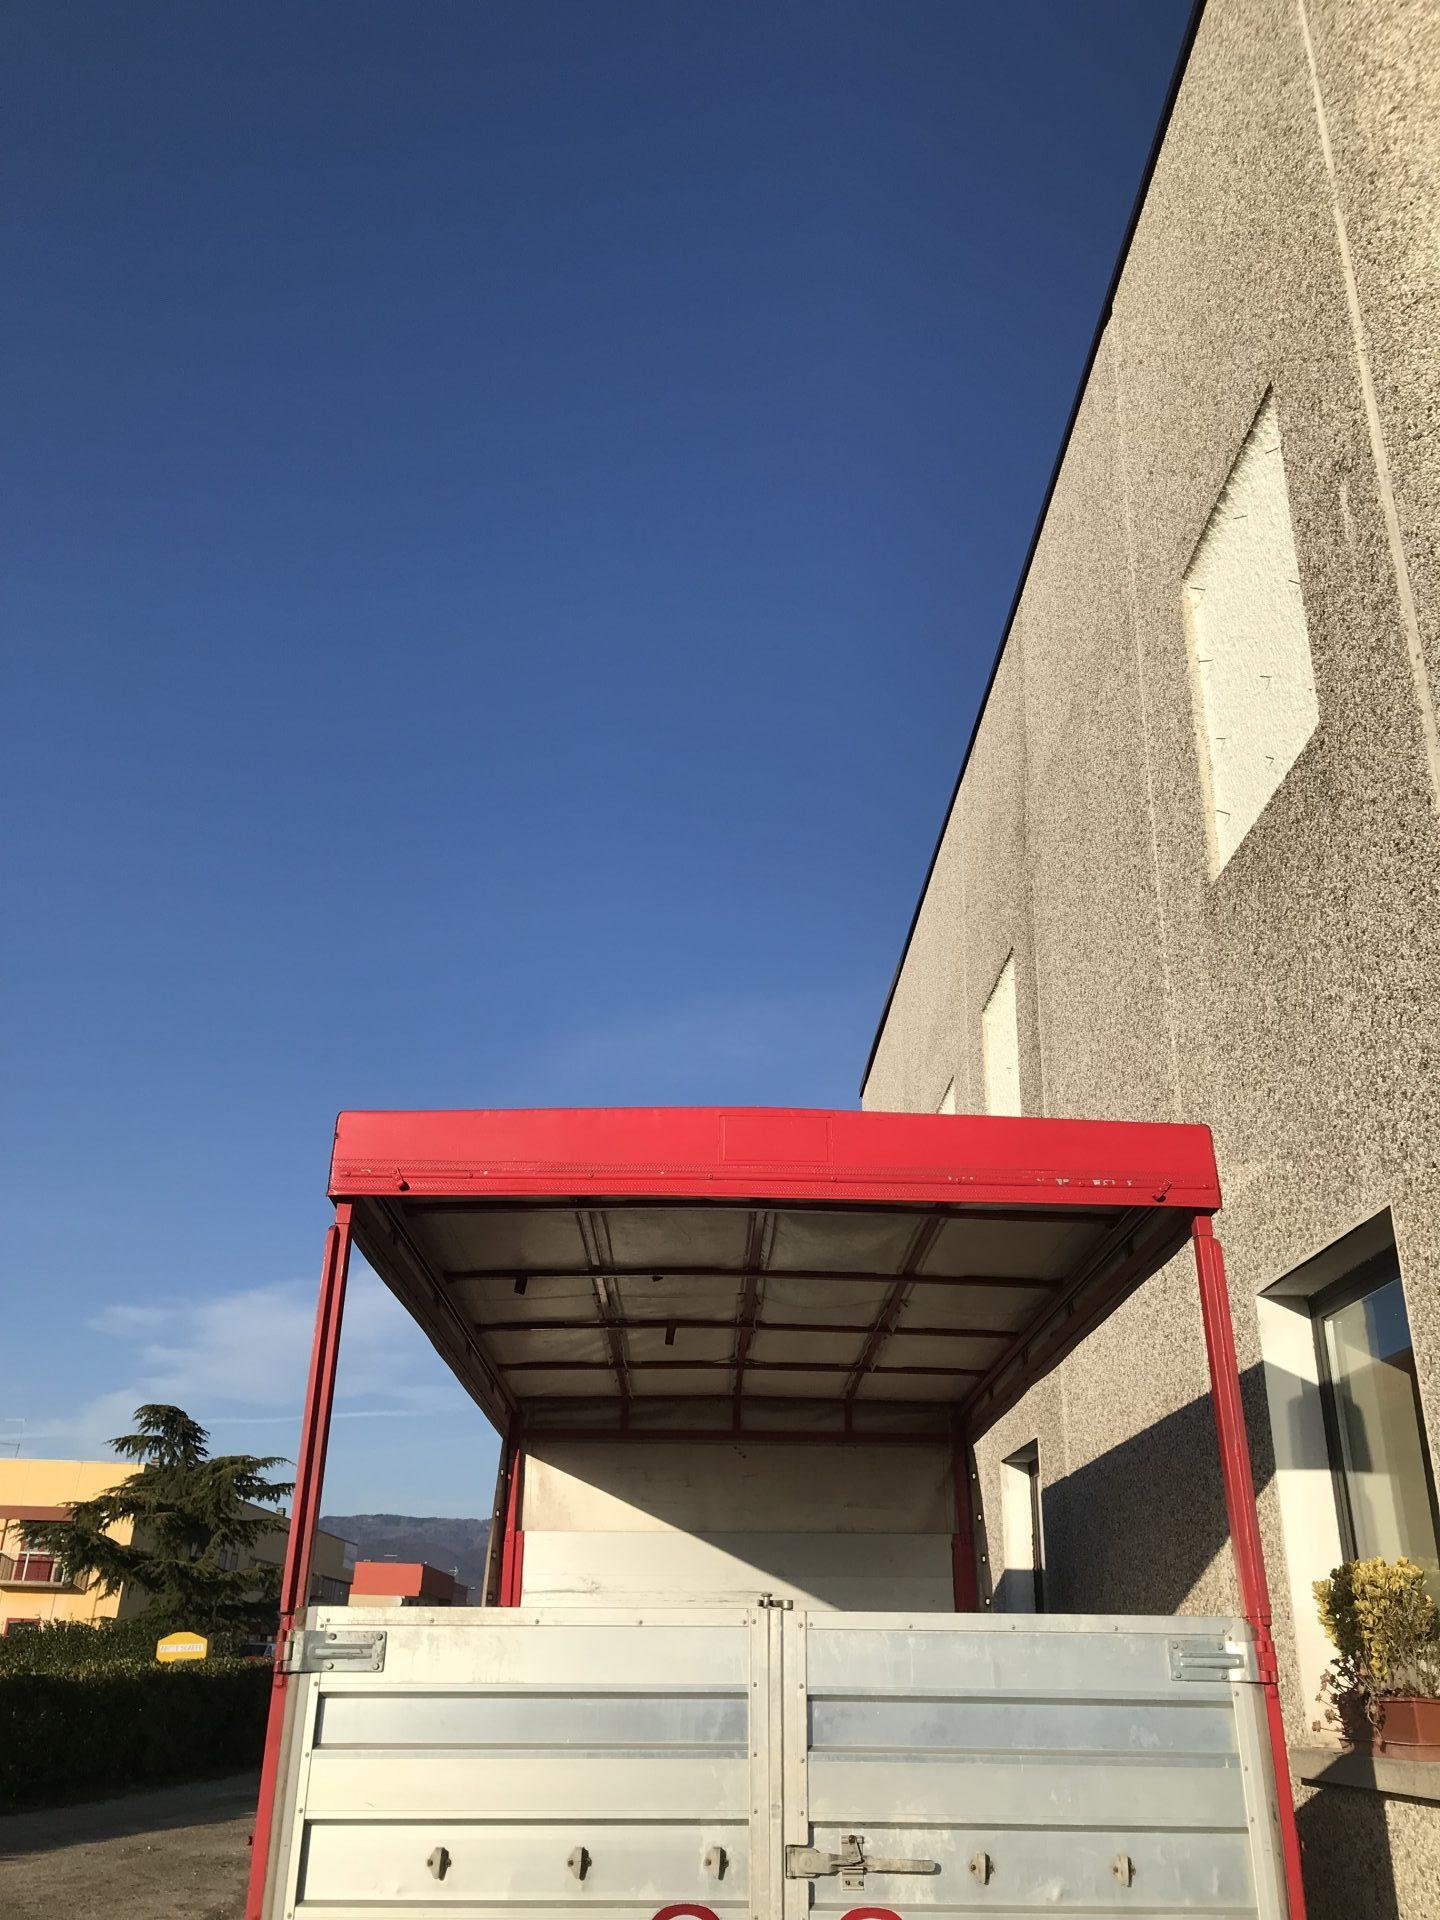 ENOVALLI DI SPECOGNA & C. A Moimacco in provincia di Udine